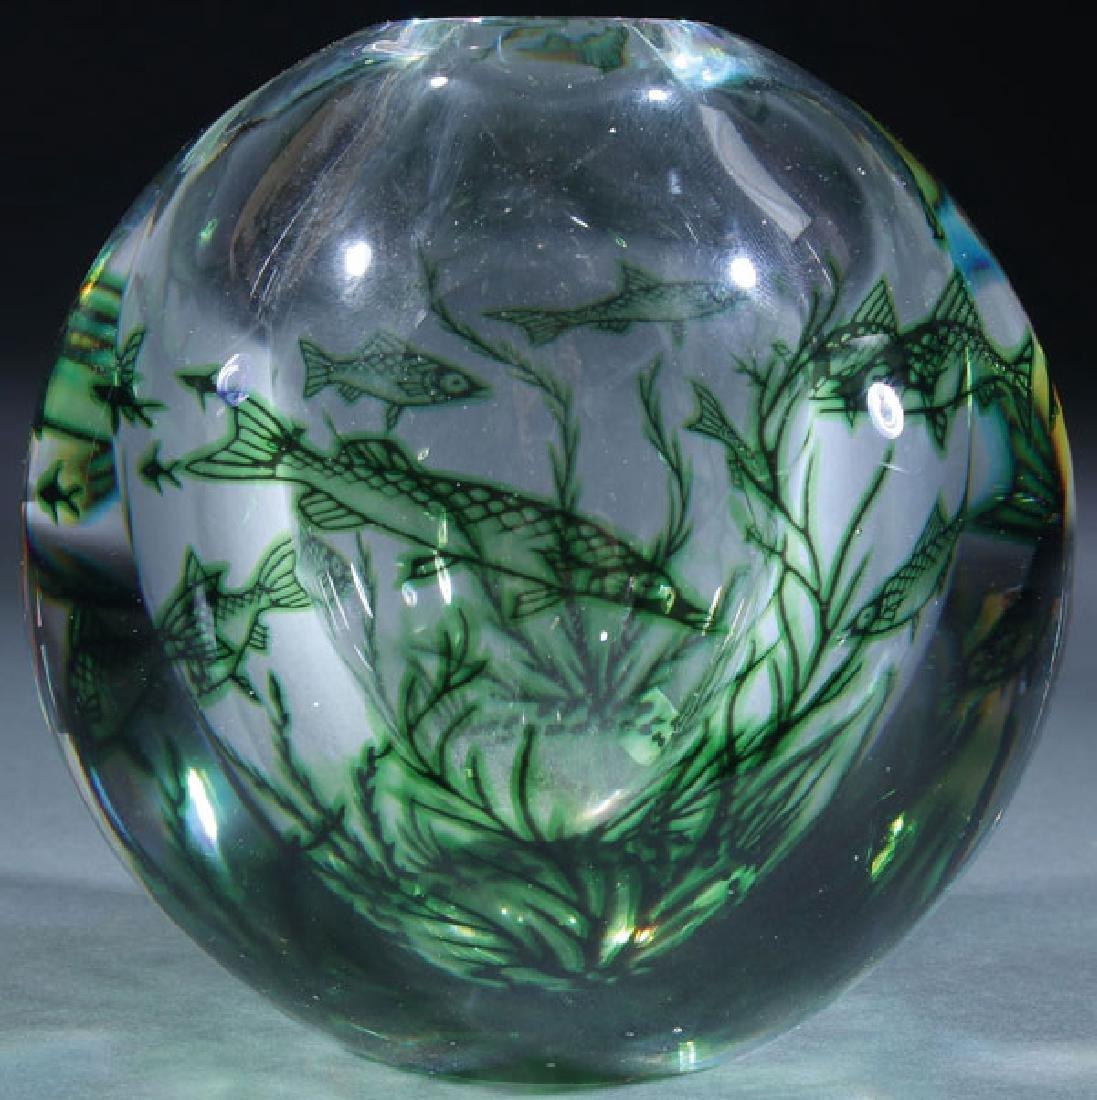 EDVARD HALD ORREFORS ART GLASS VASE